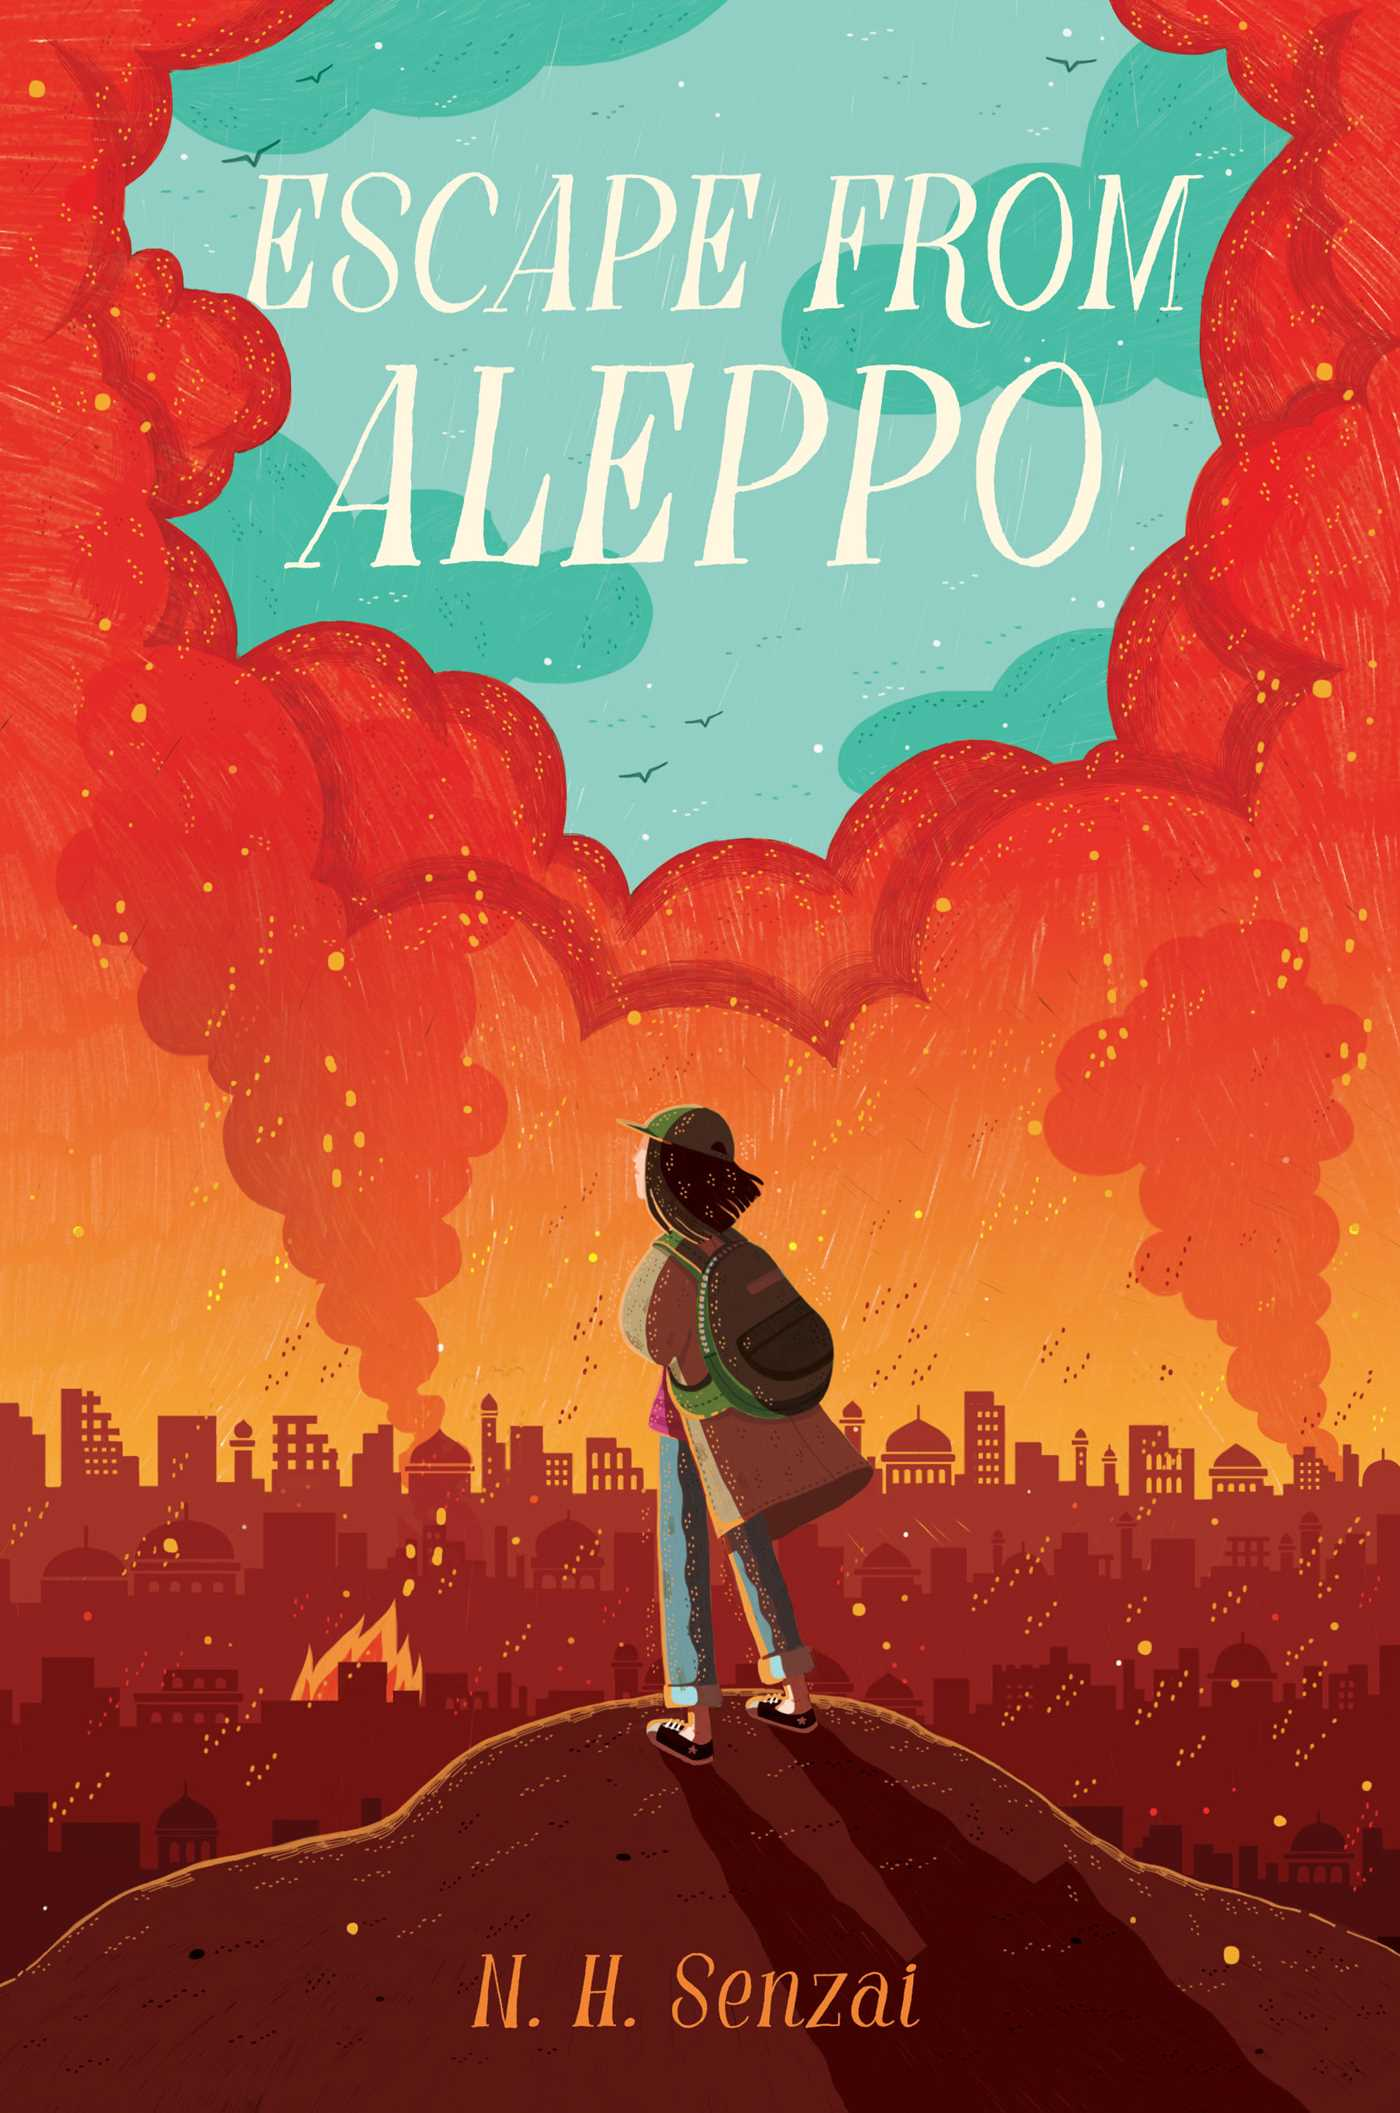 Escape from aleppo 9781481472197 hr